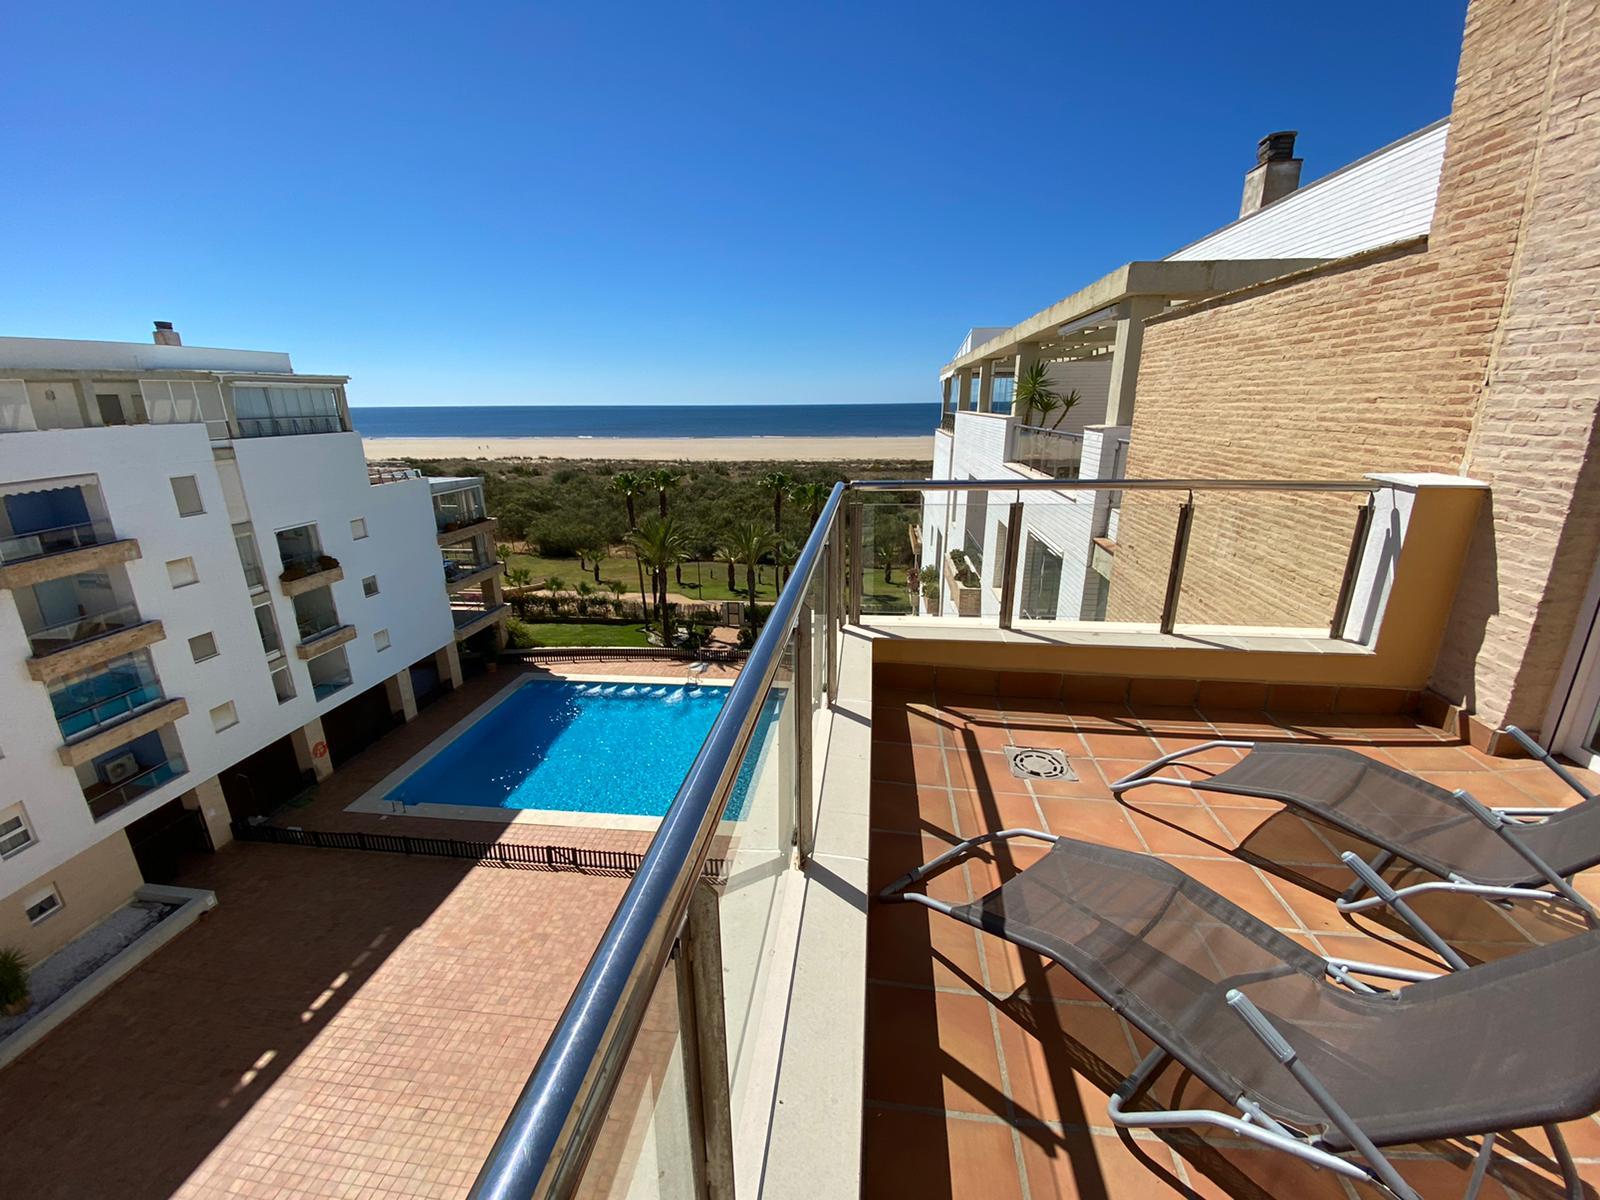 Imagen 36 del Apartamento Turístico, Ático 6 Poniente (3d+2b), Punta del Moral (HUELVA), Paseo de la Cruz nº22